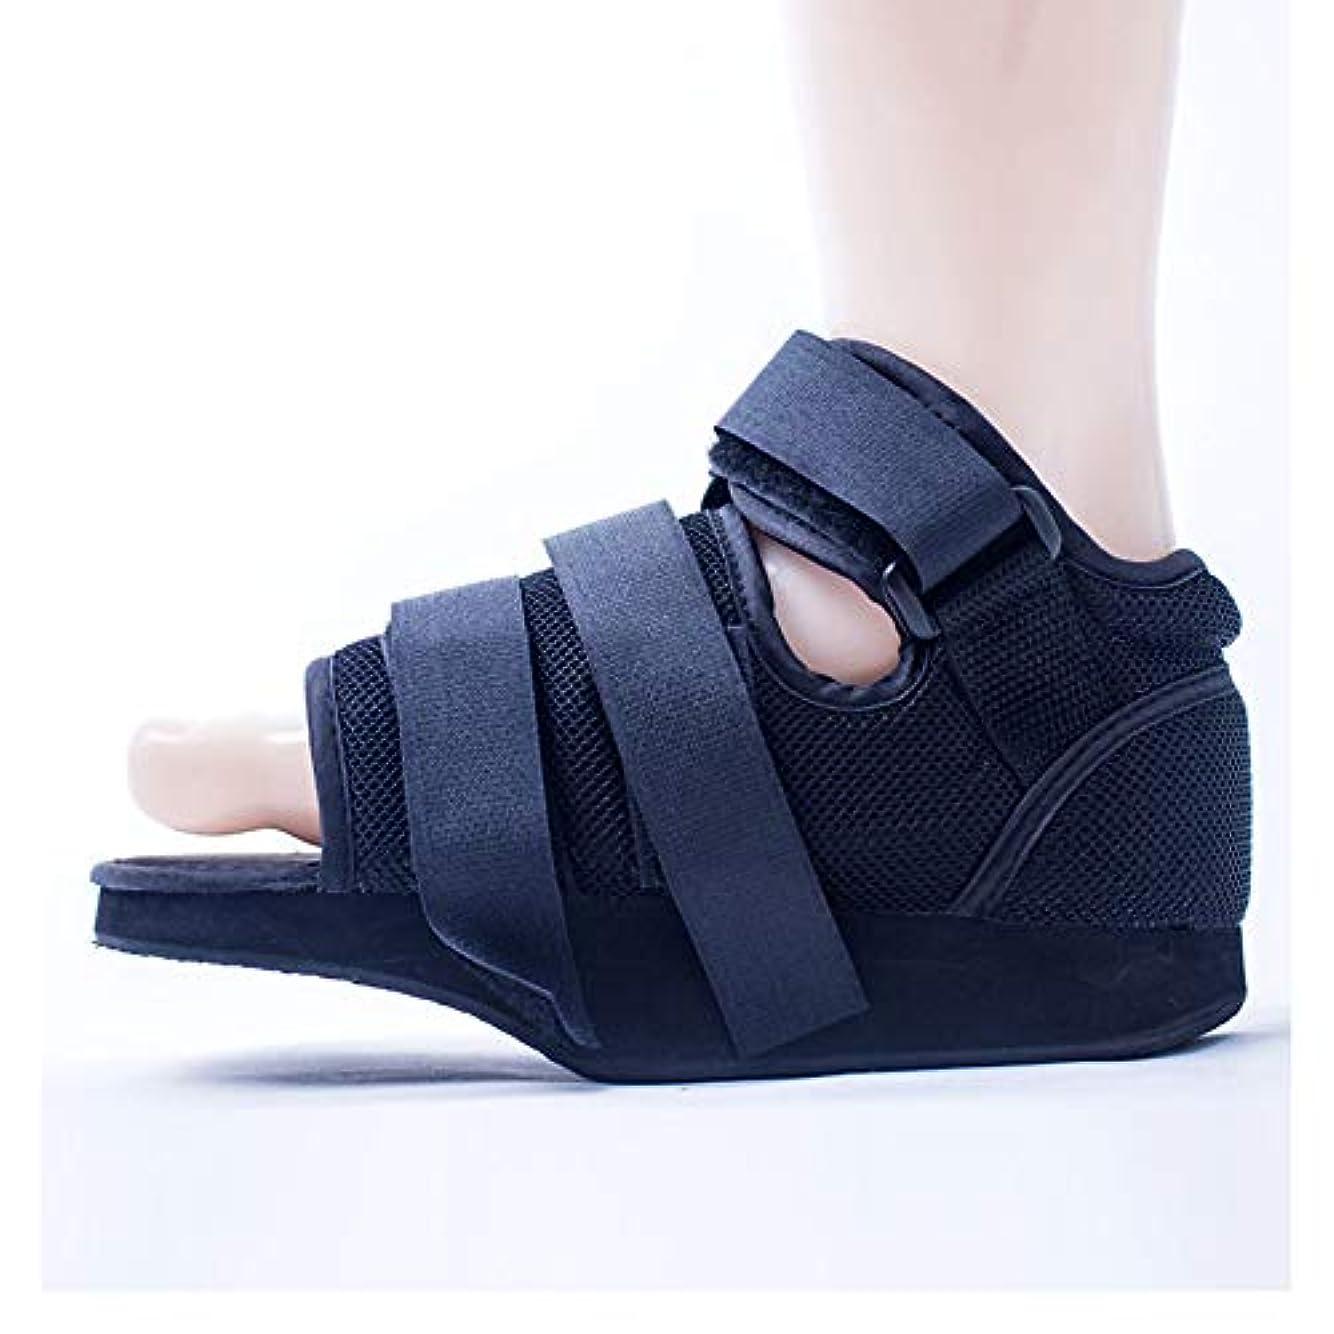 不名誉なログ枕壊れたつま先/足の骨折のための術後スクエアトゥウォーキングシューズ - ボトムキャストシューズ術後の靴 - 調節可能な医療ウォーキングブーツ (Size : L)